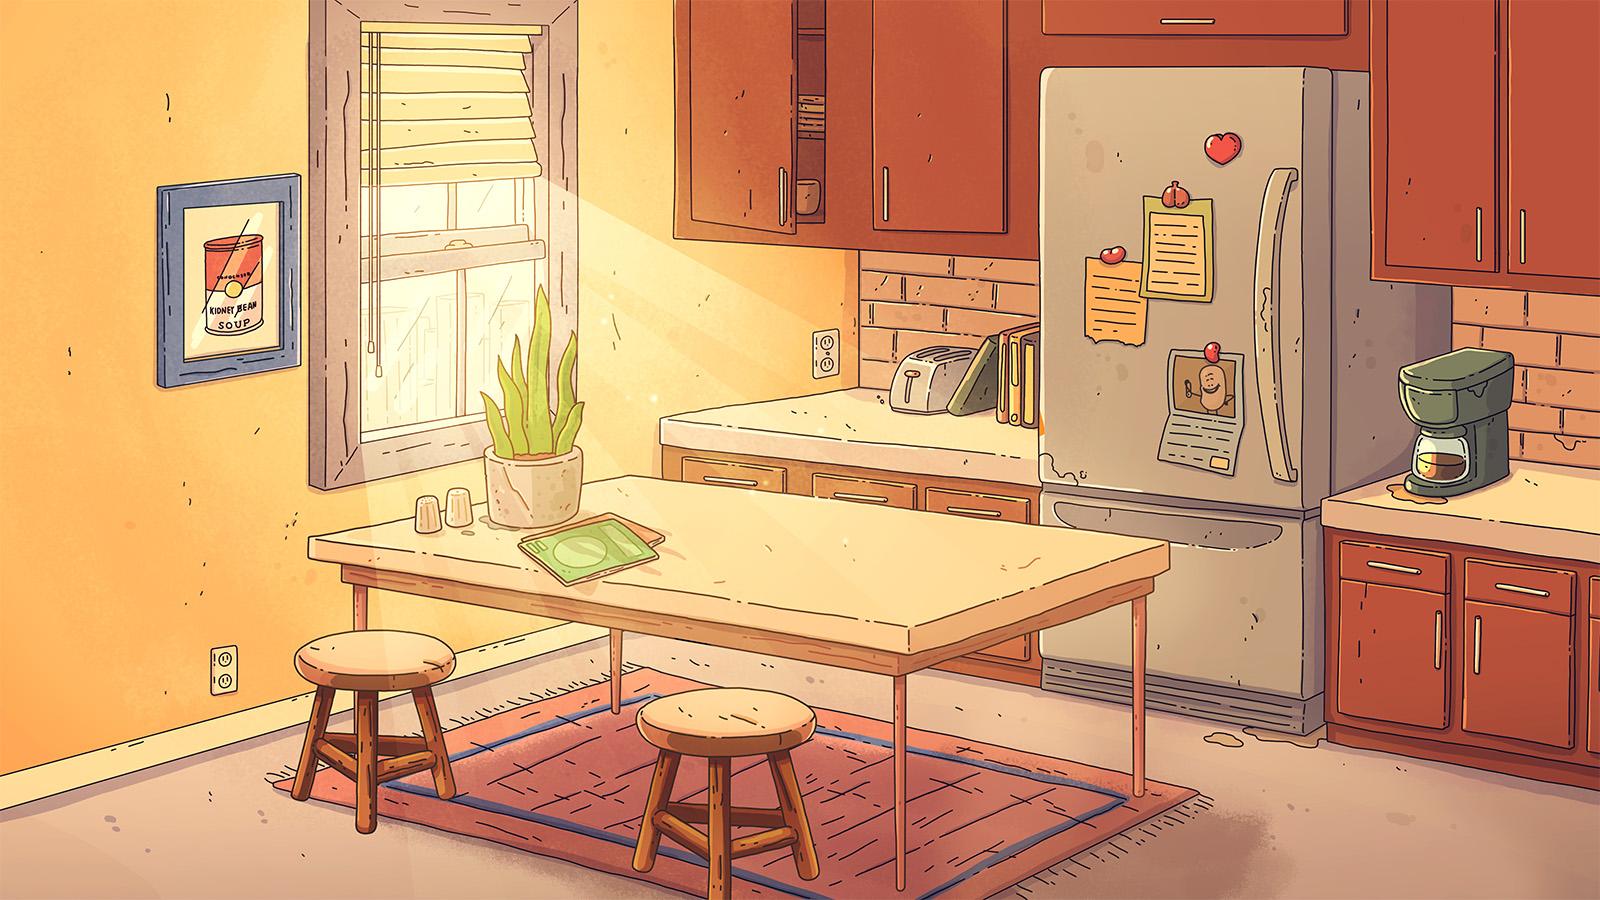 Kidney's Background of Kitchen